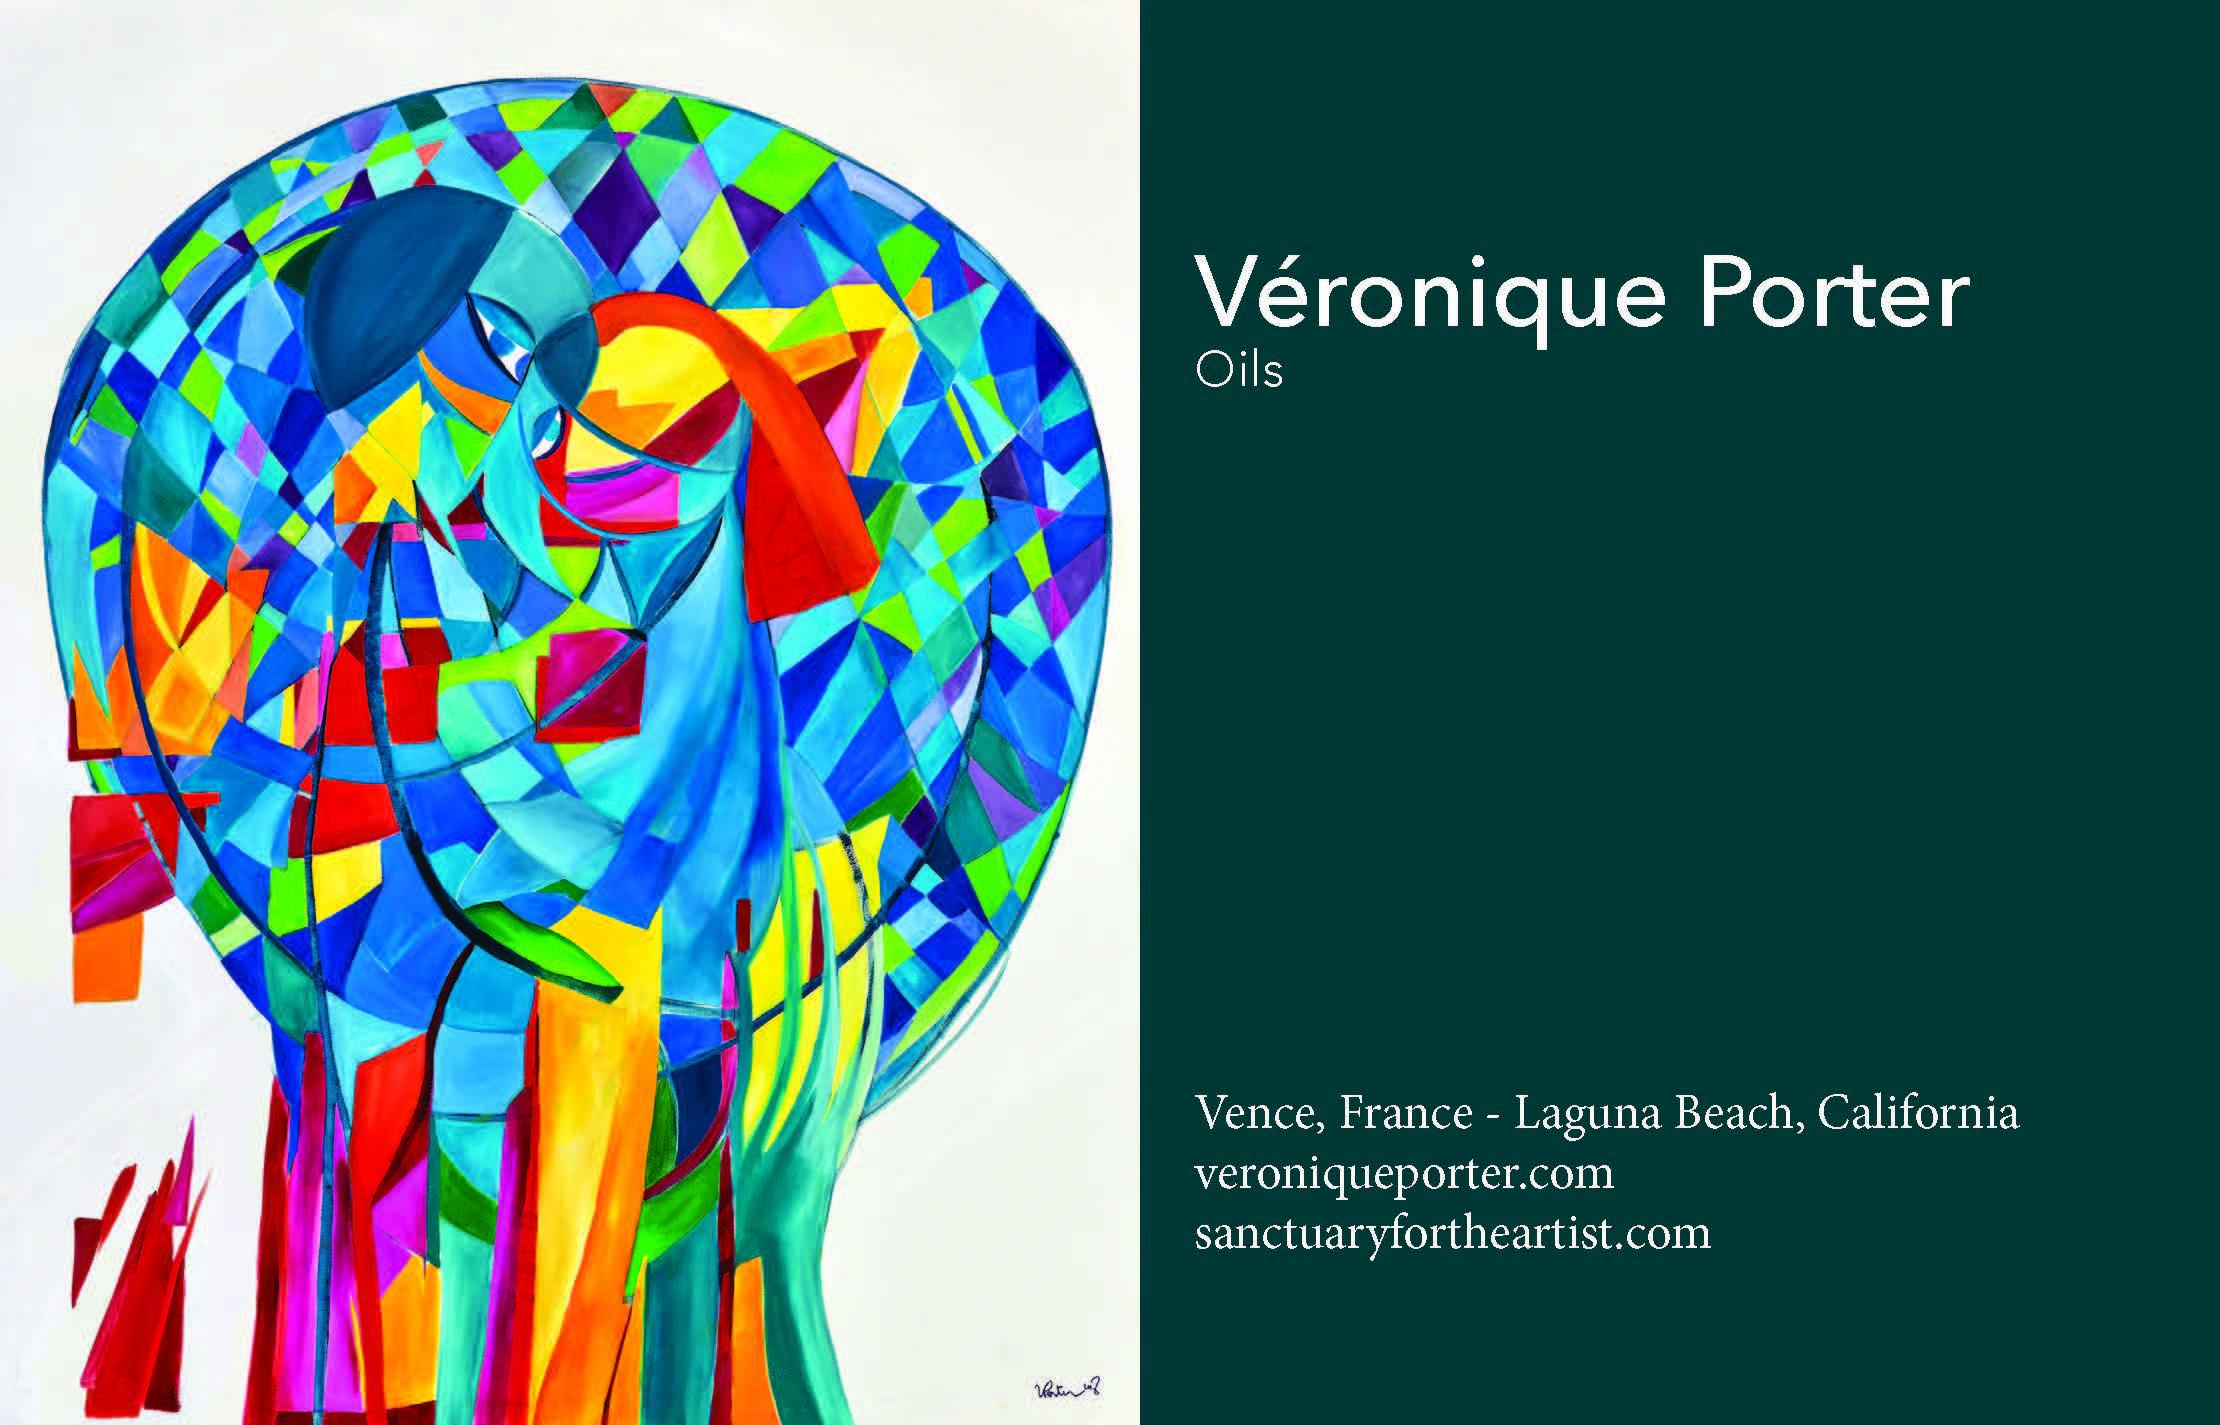 Veronique Porter MA18 v1 proof 2.jpg